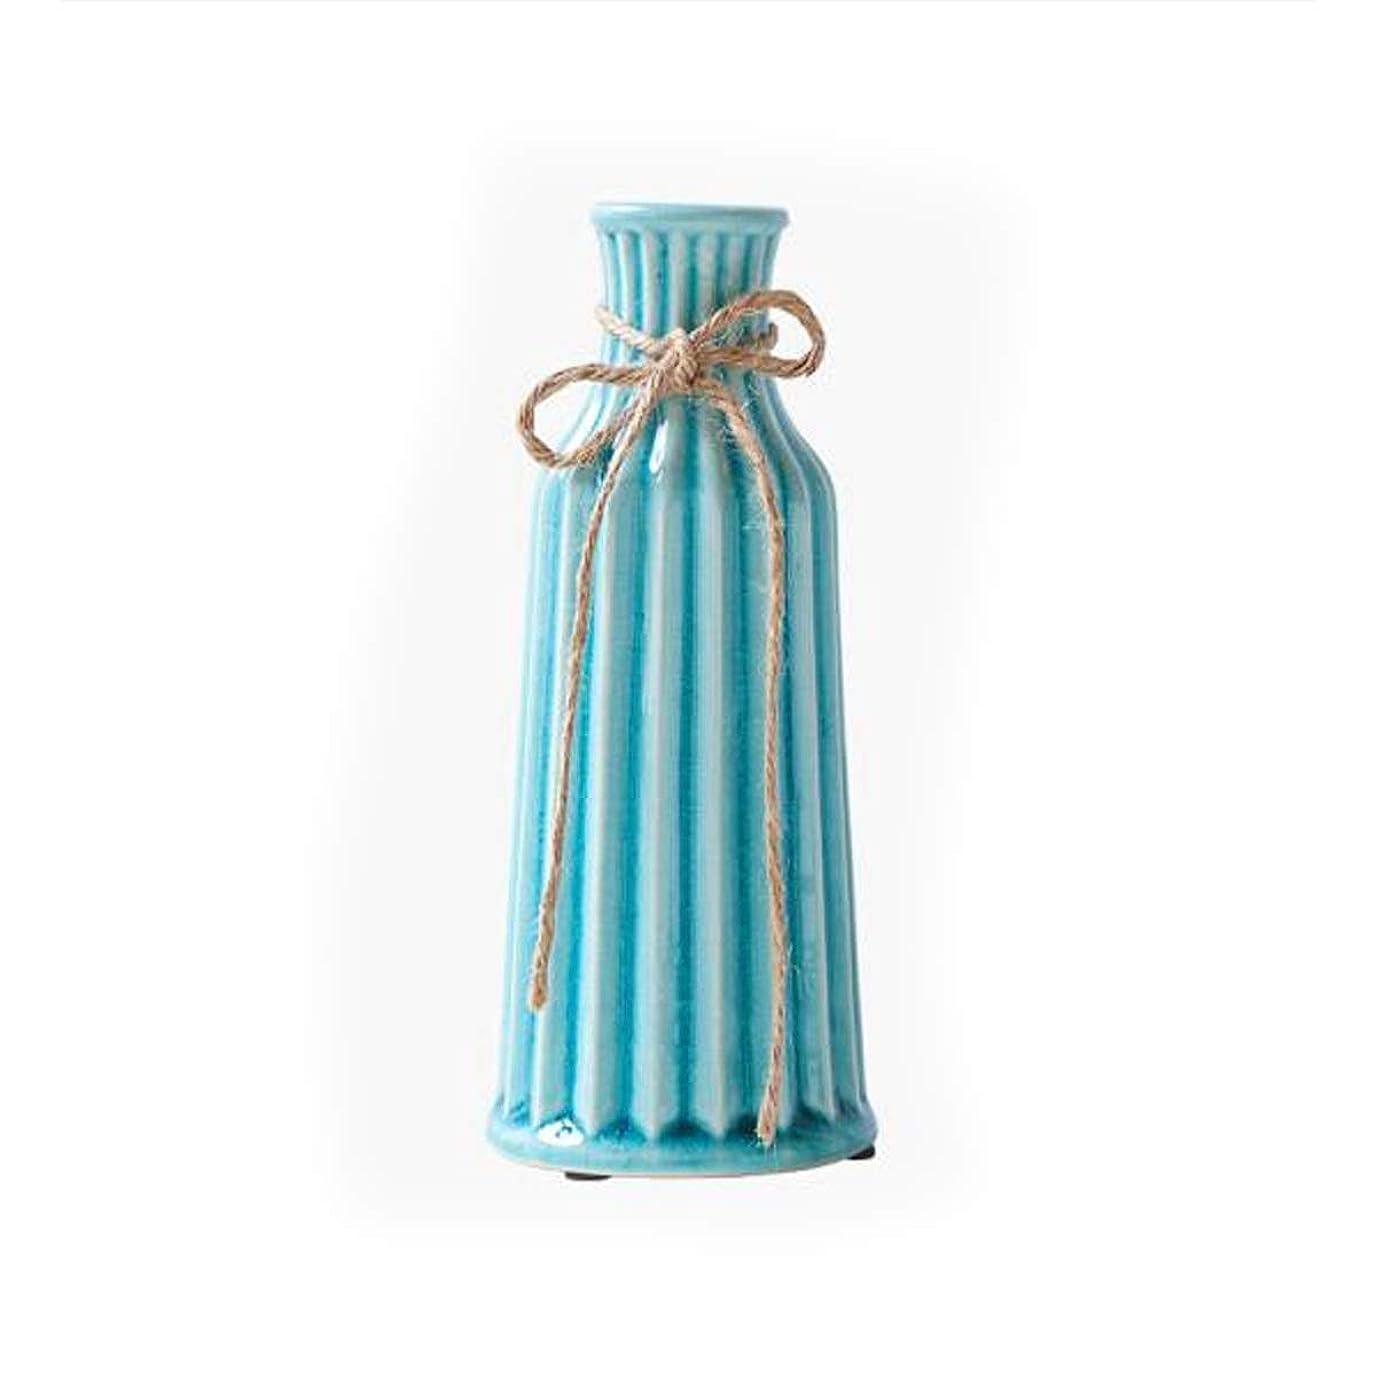 クラッシュ前兆鉄道駅CPWJD 花瓶、フラワーベース、セラミック装飾品、ホームアクセサリー (Color : Blue)